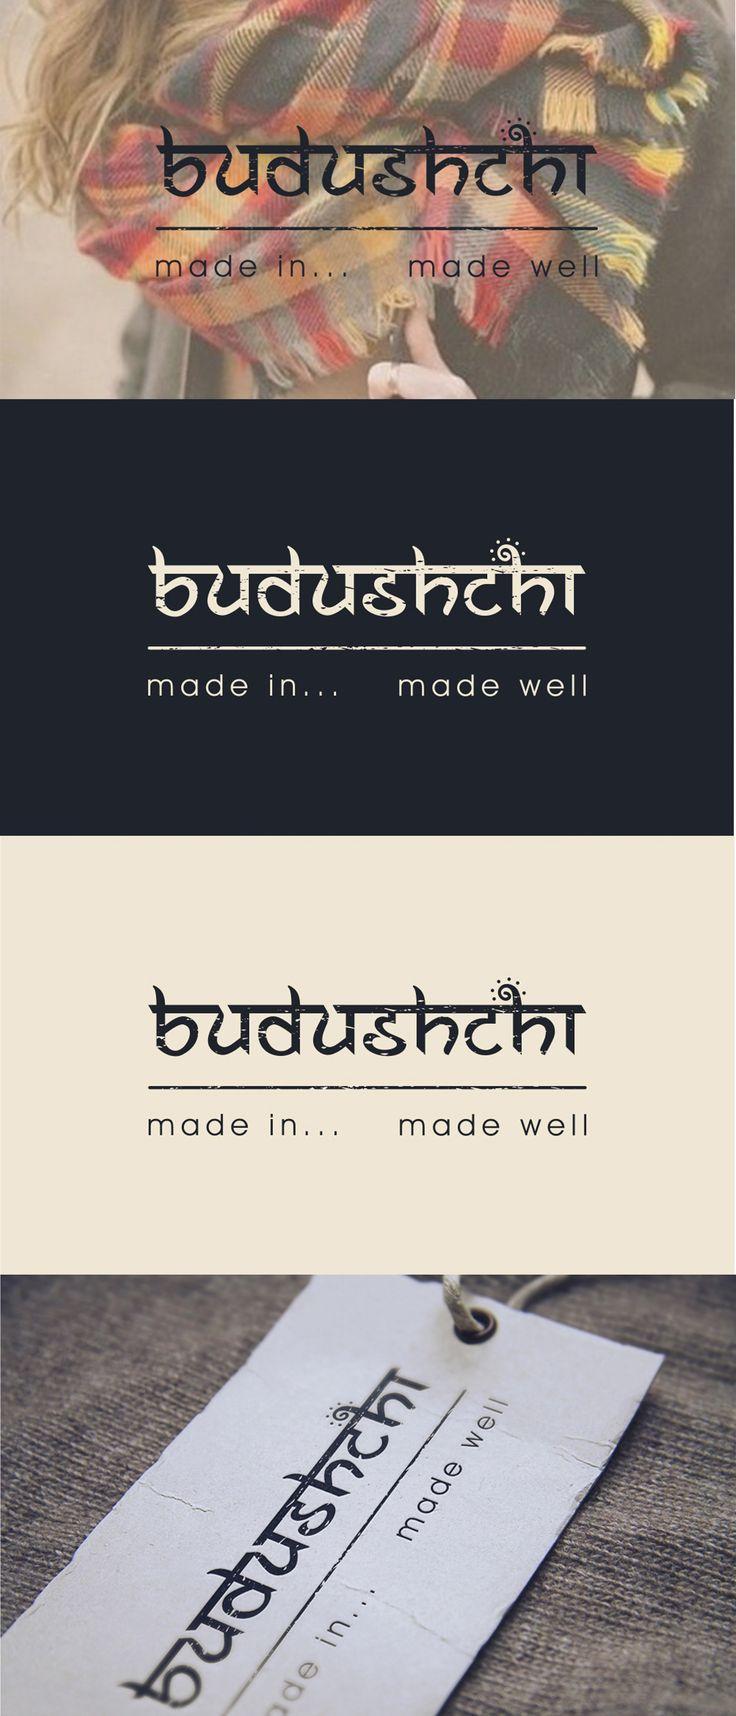 Дизайн логотипа для торговой марки одежды Budushchi +38(048)7894052; +38(093)1205279; +38(068)1205279; +38(066)1205279; #логотип #logo #дизайн #полиграфия #типография #иллюстрация